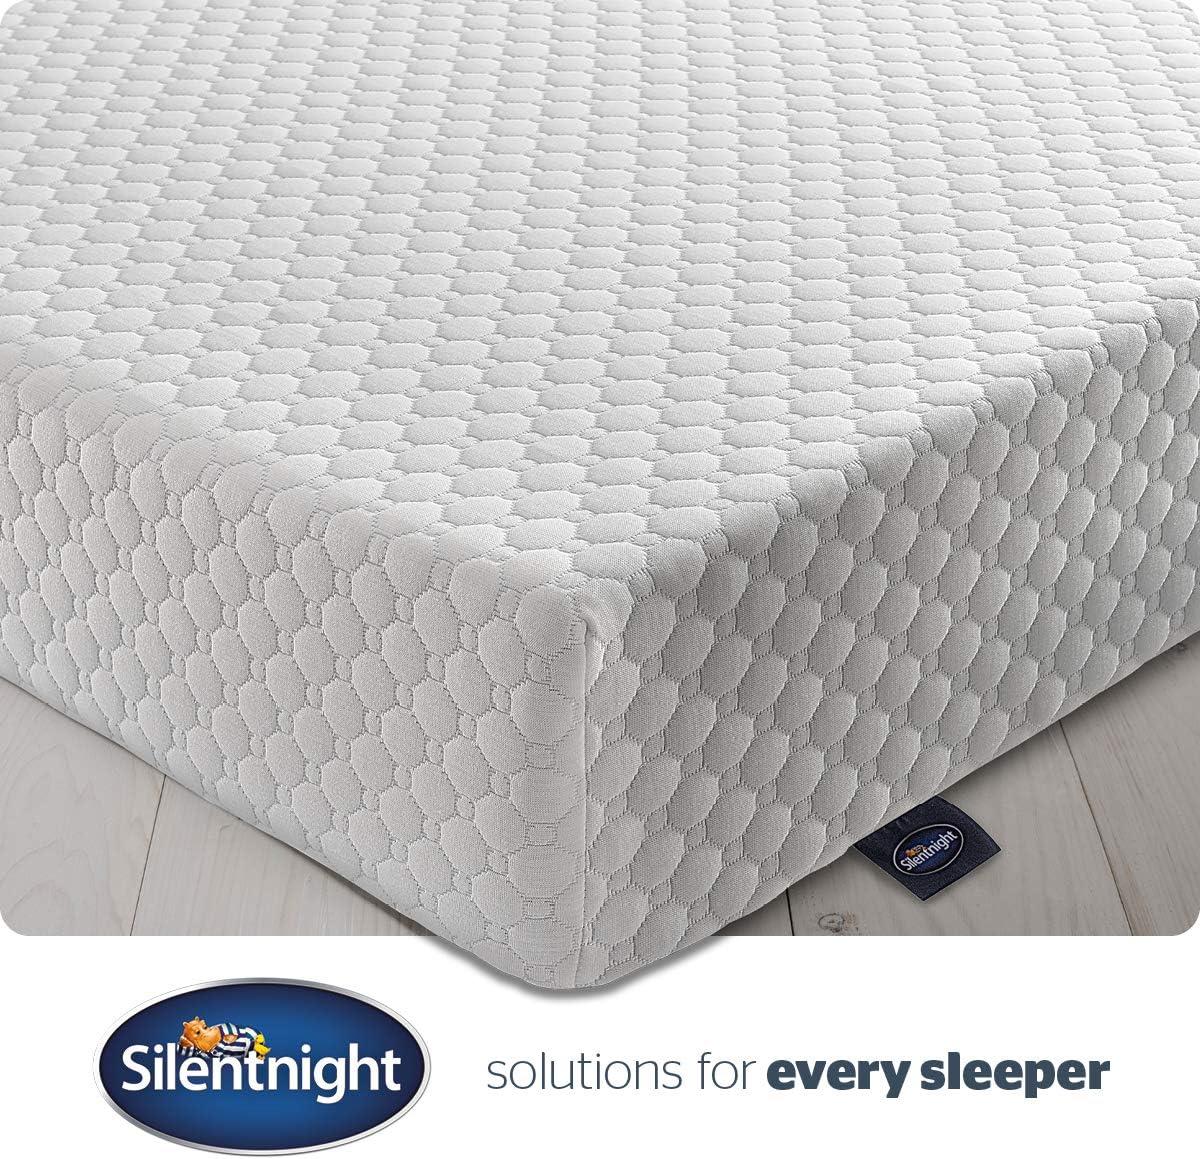 Silentnight - Colchón (espuma con efecto memoria, 7 zonas) 150 x 200 cm